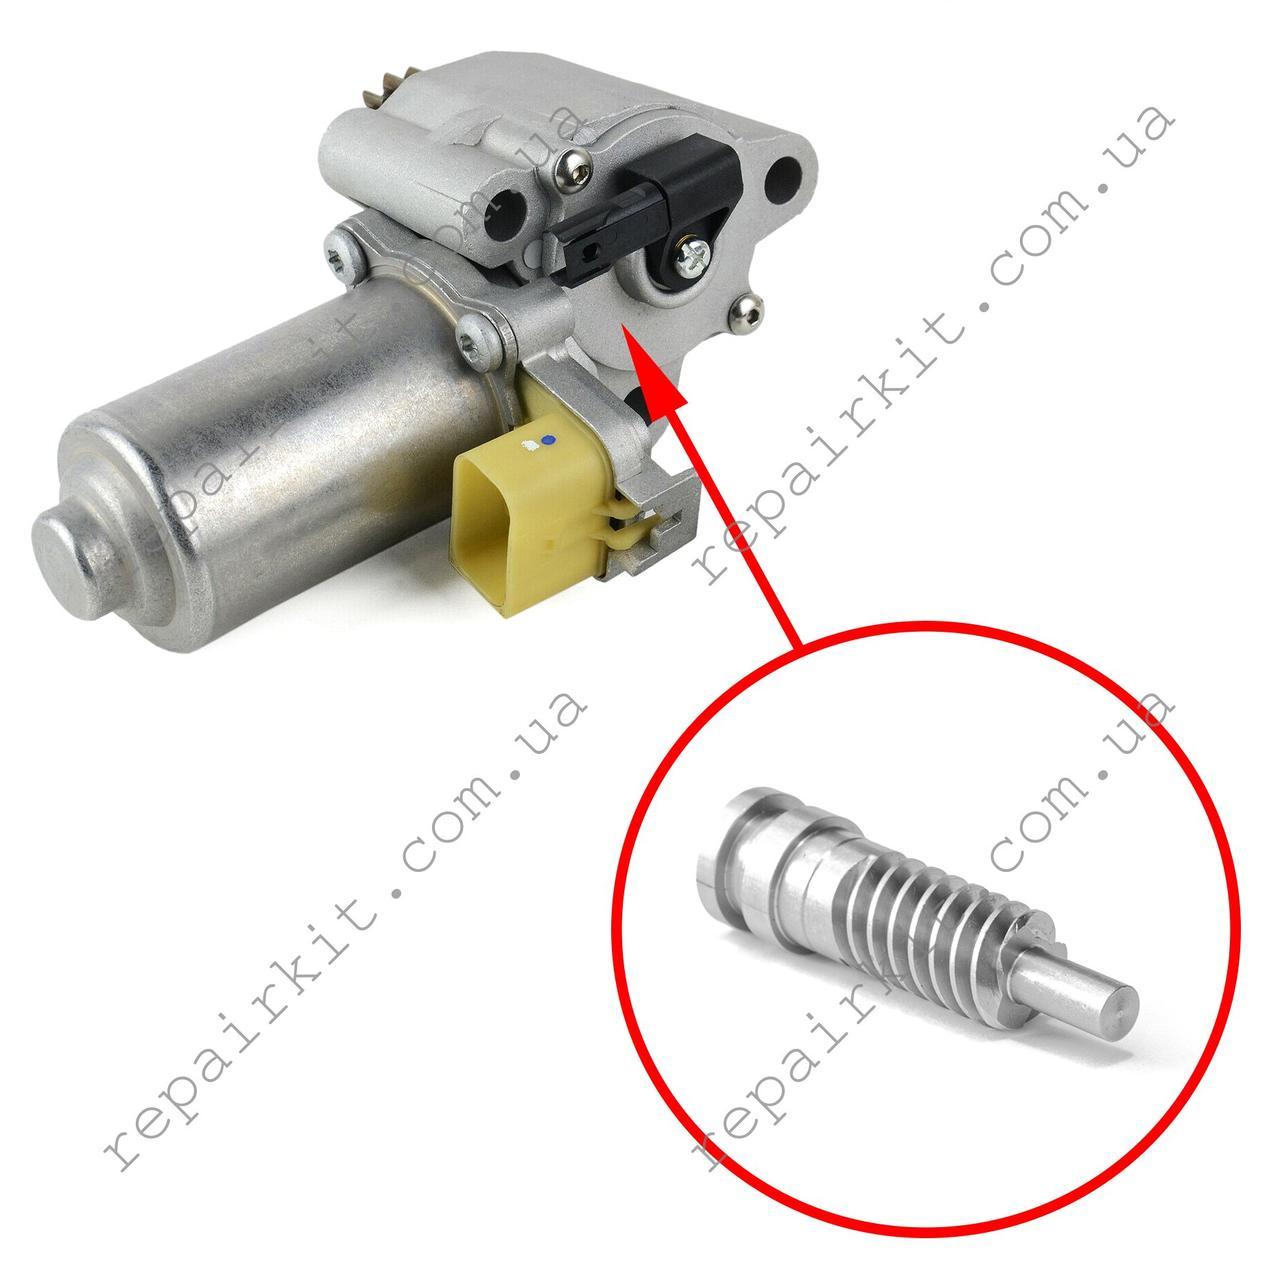 Ремкомплект серводвигателя раздаточной коробки BMW E60 и E90 ATC300 27107546671